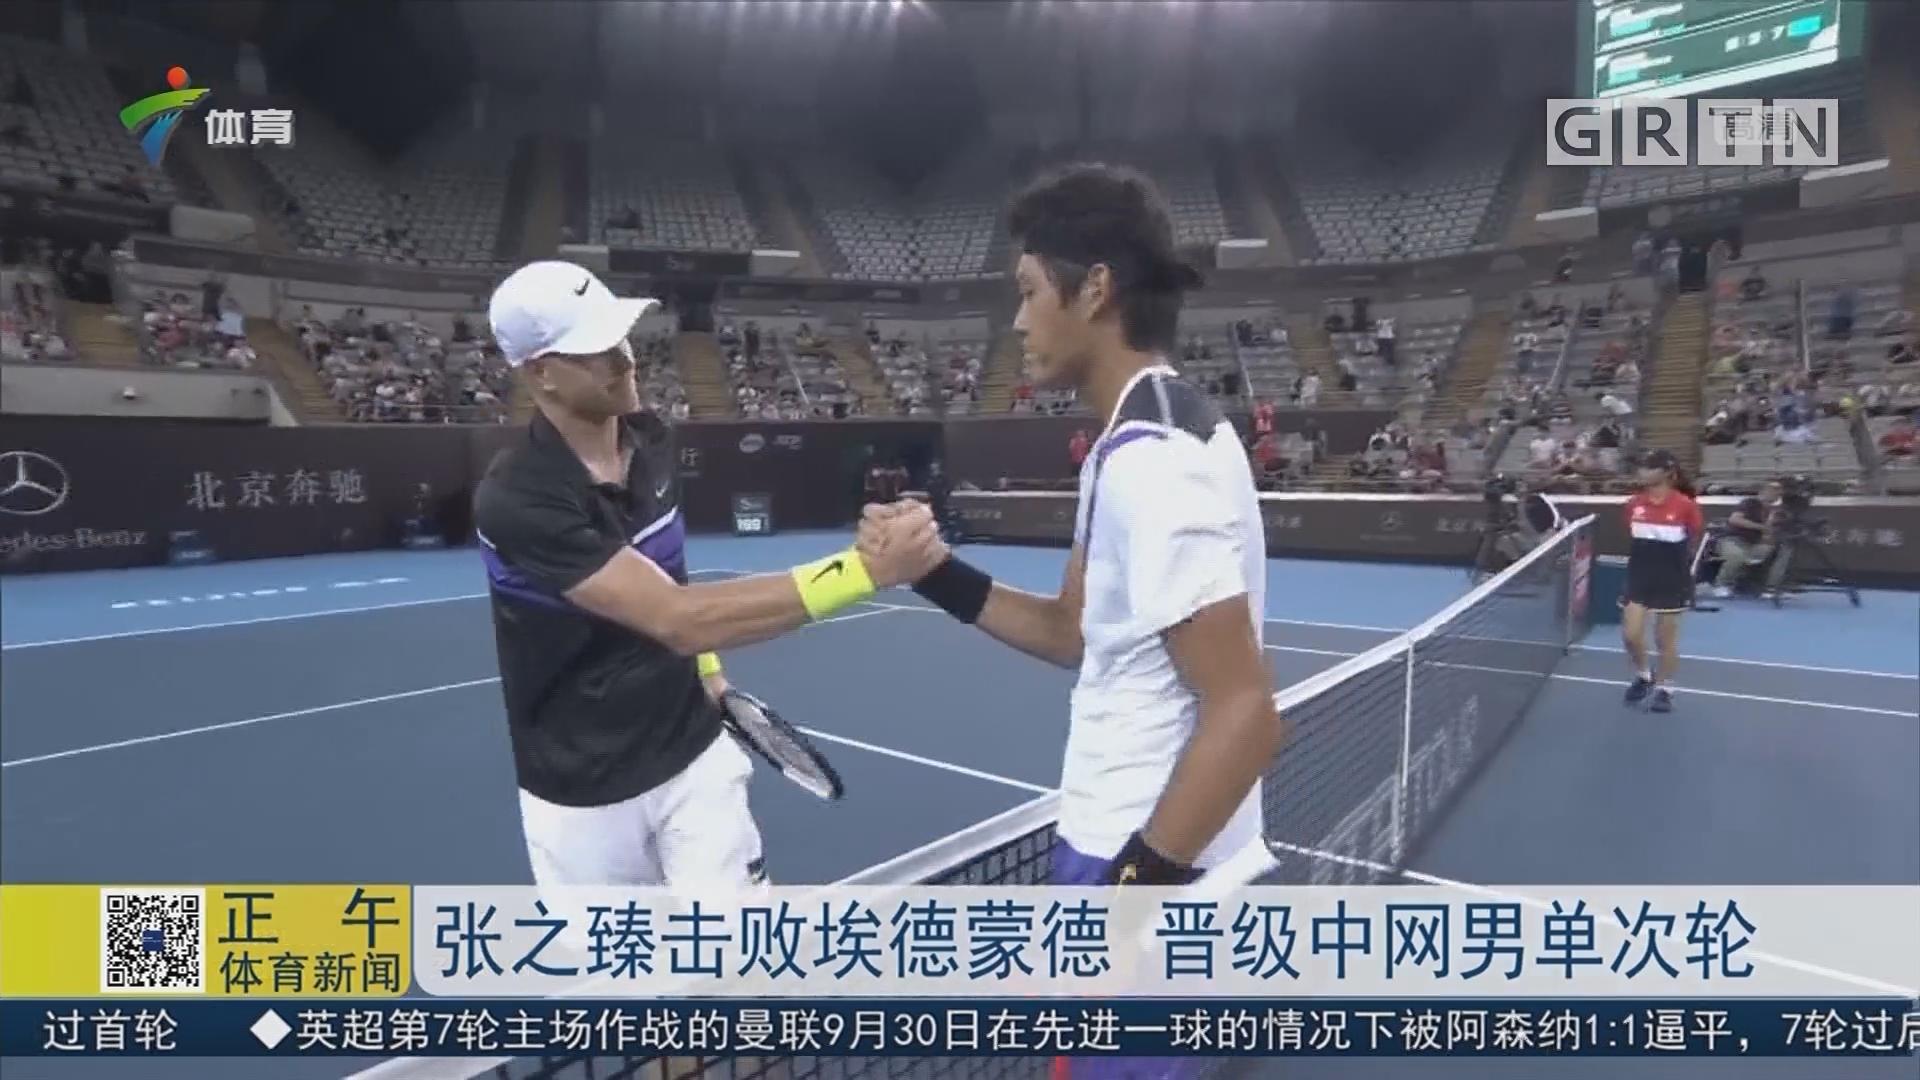 张之臻击败埃德蒙德 晋级中网男单次轮